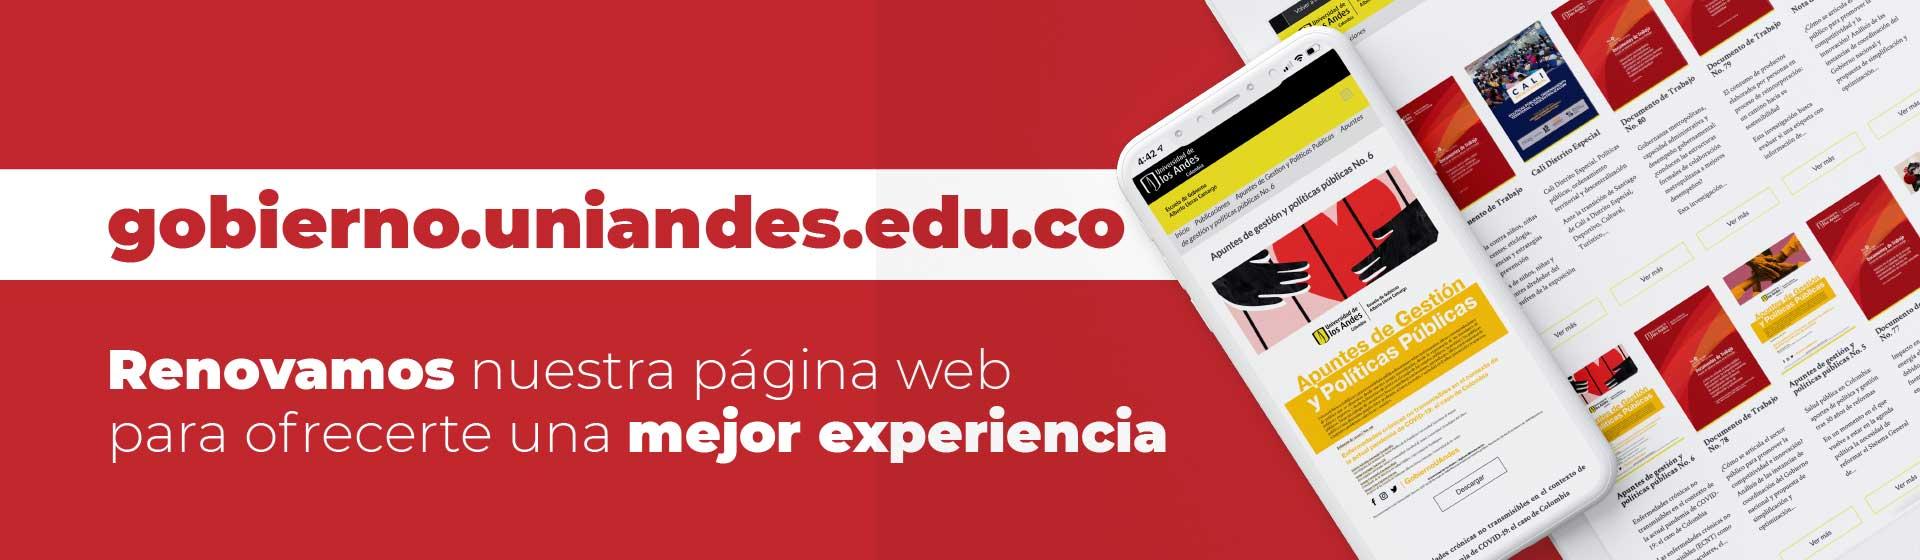 Bienvenidos a gobierno.uniandes.edu.co